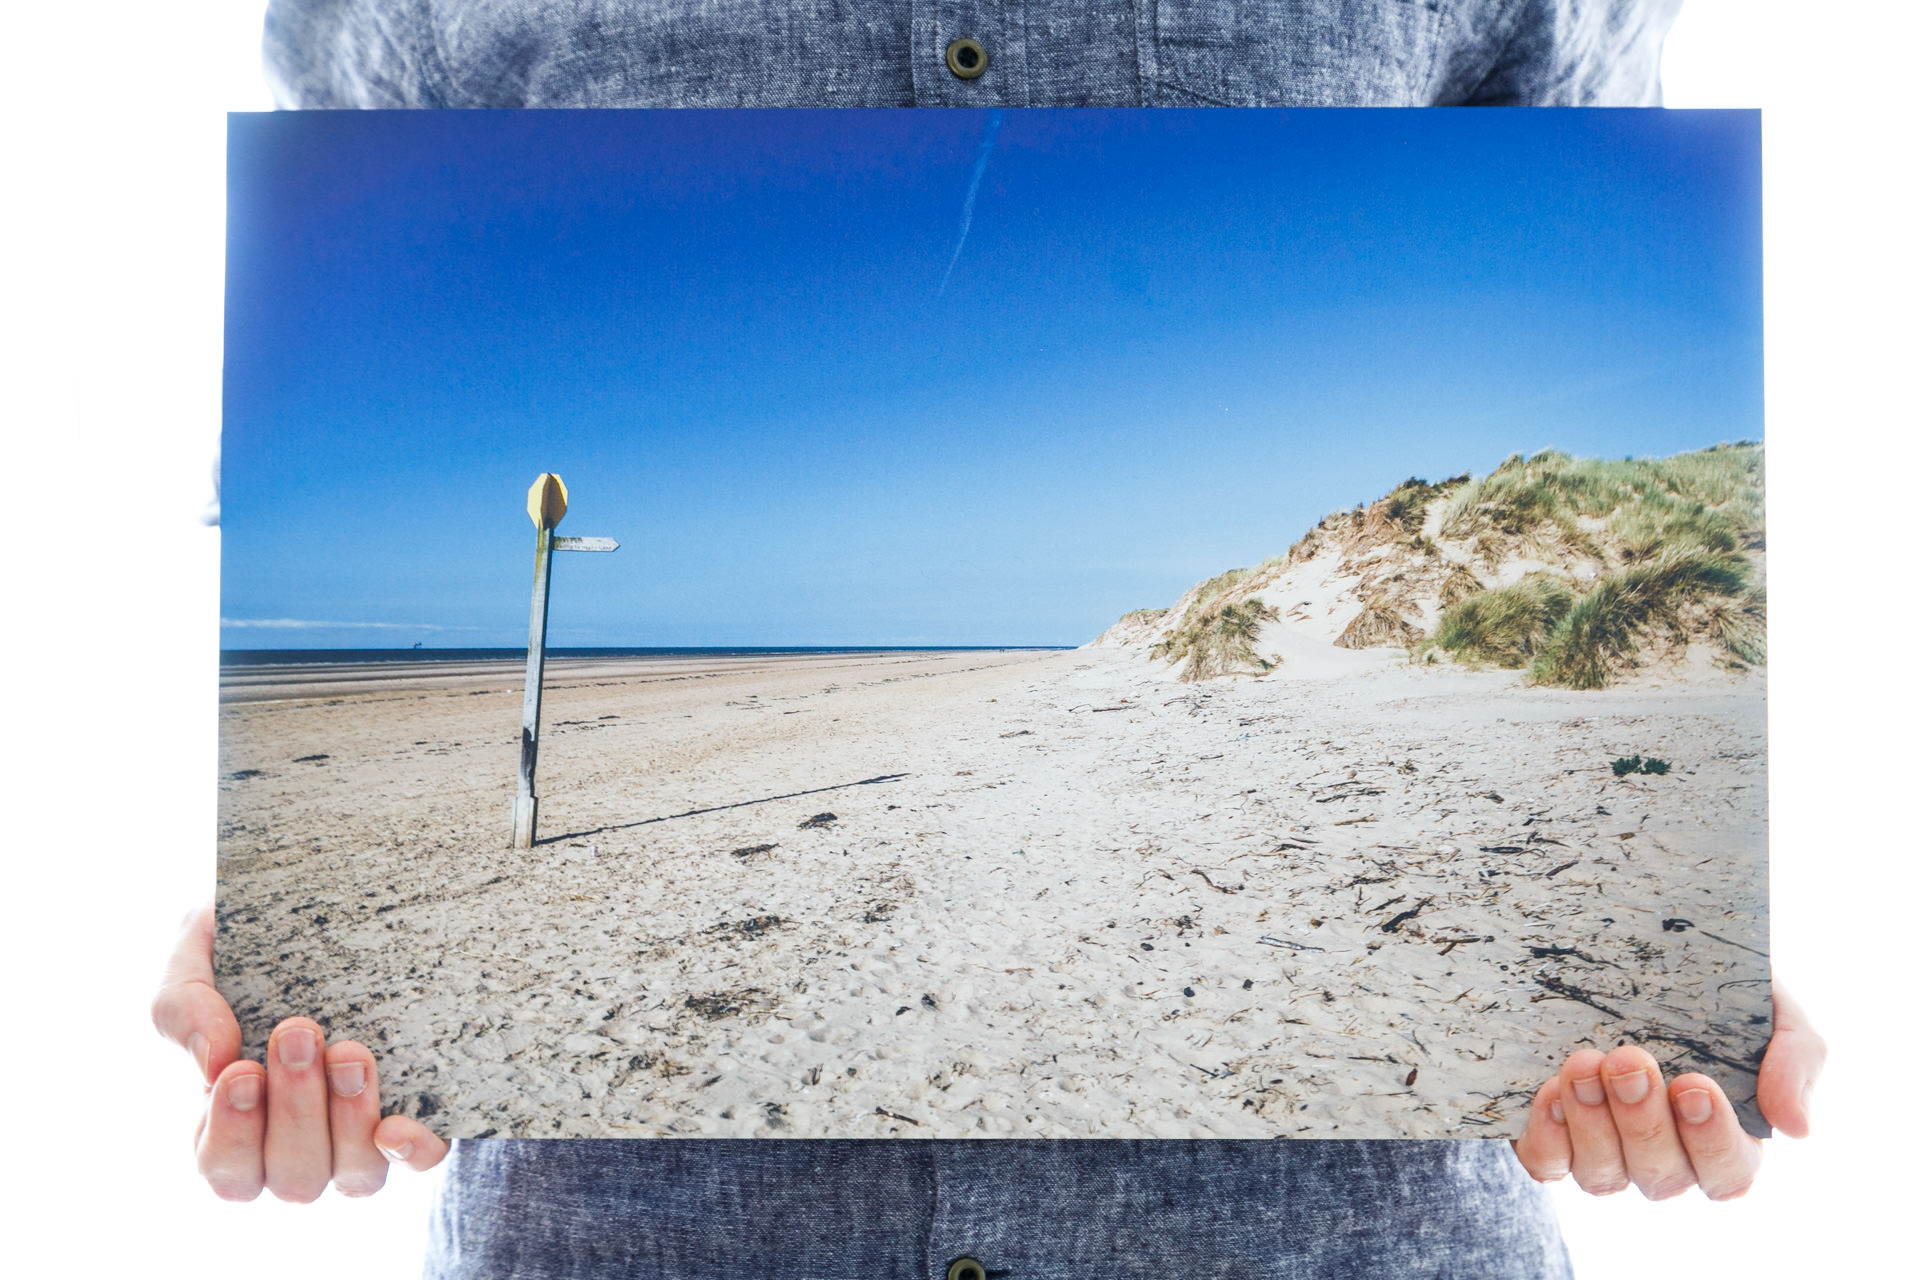 'To Wicks Path' (45x30cm - £70)